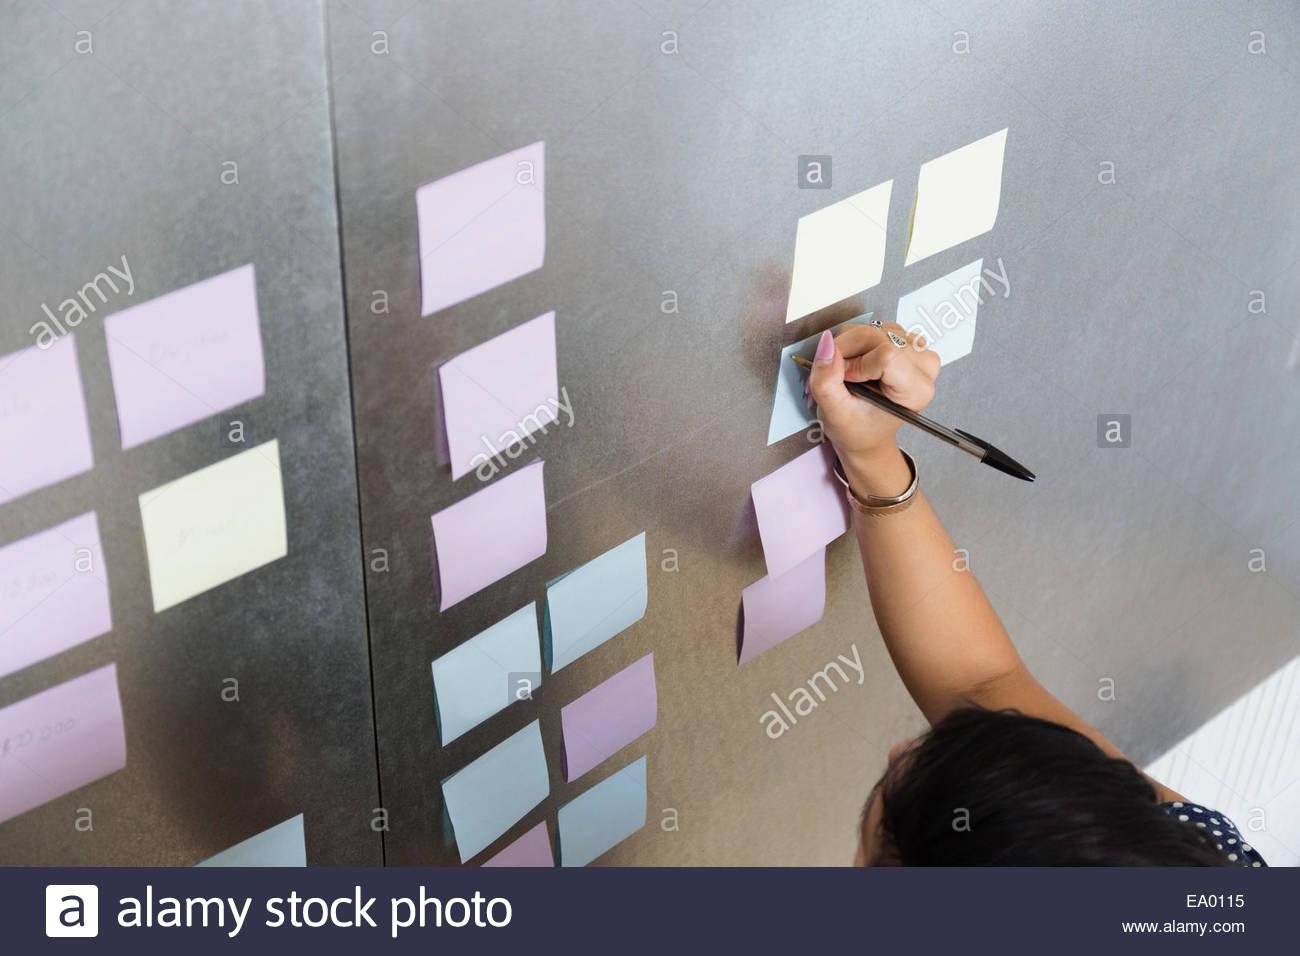 Stuck On Note Stockfotos & Stuck On Note Bilder - Alamy